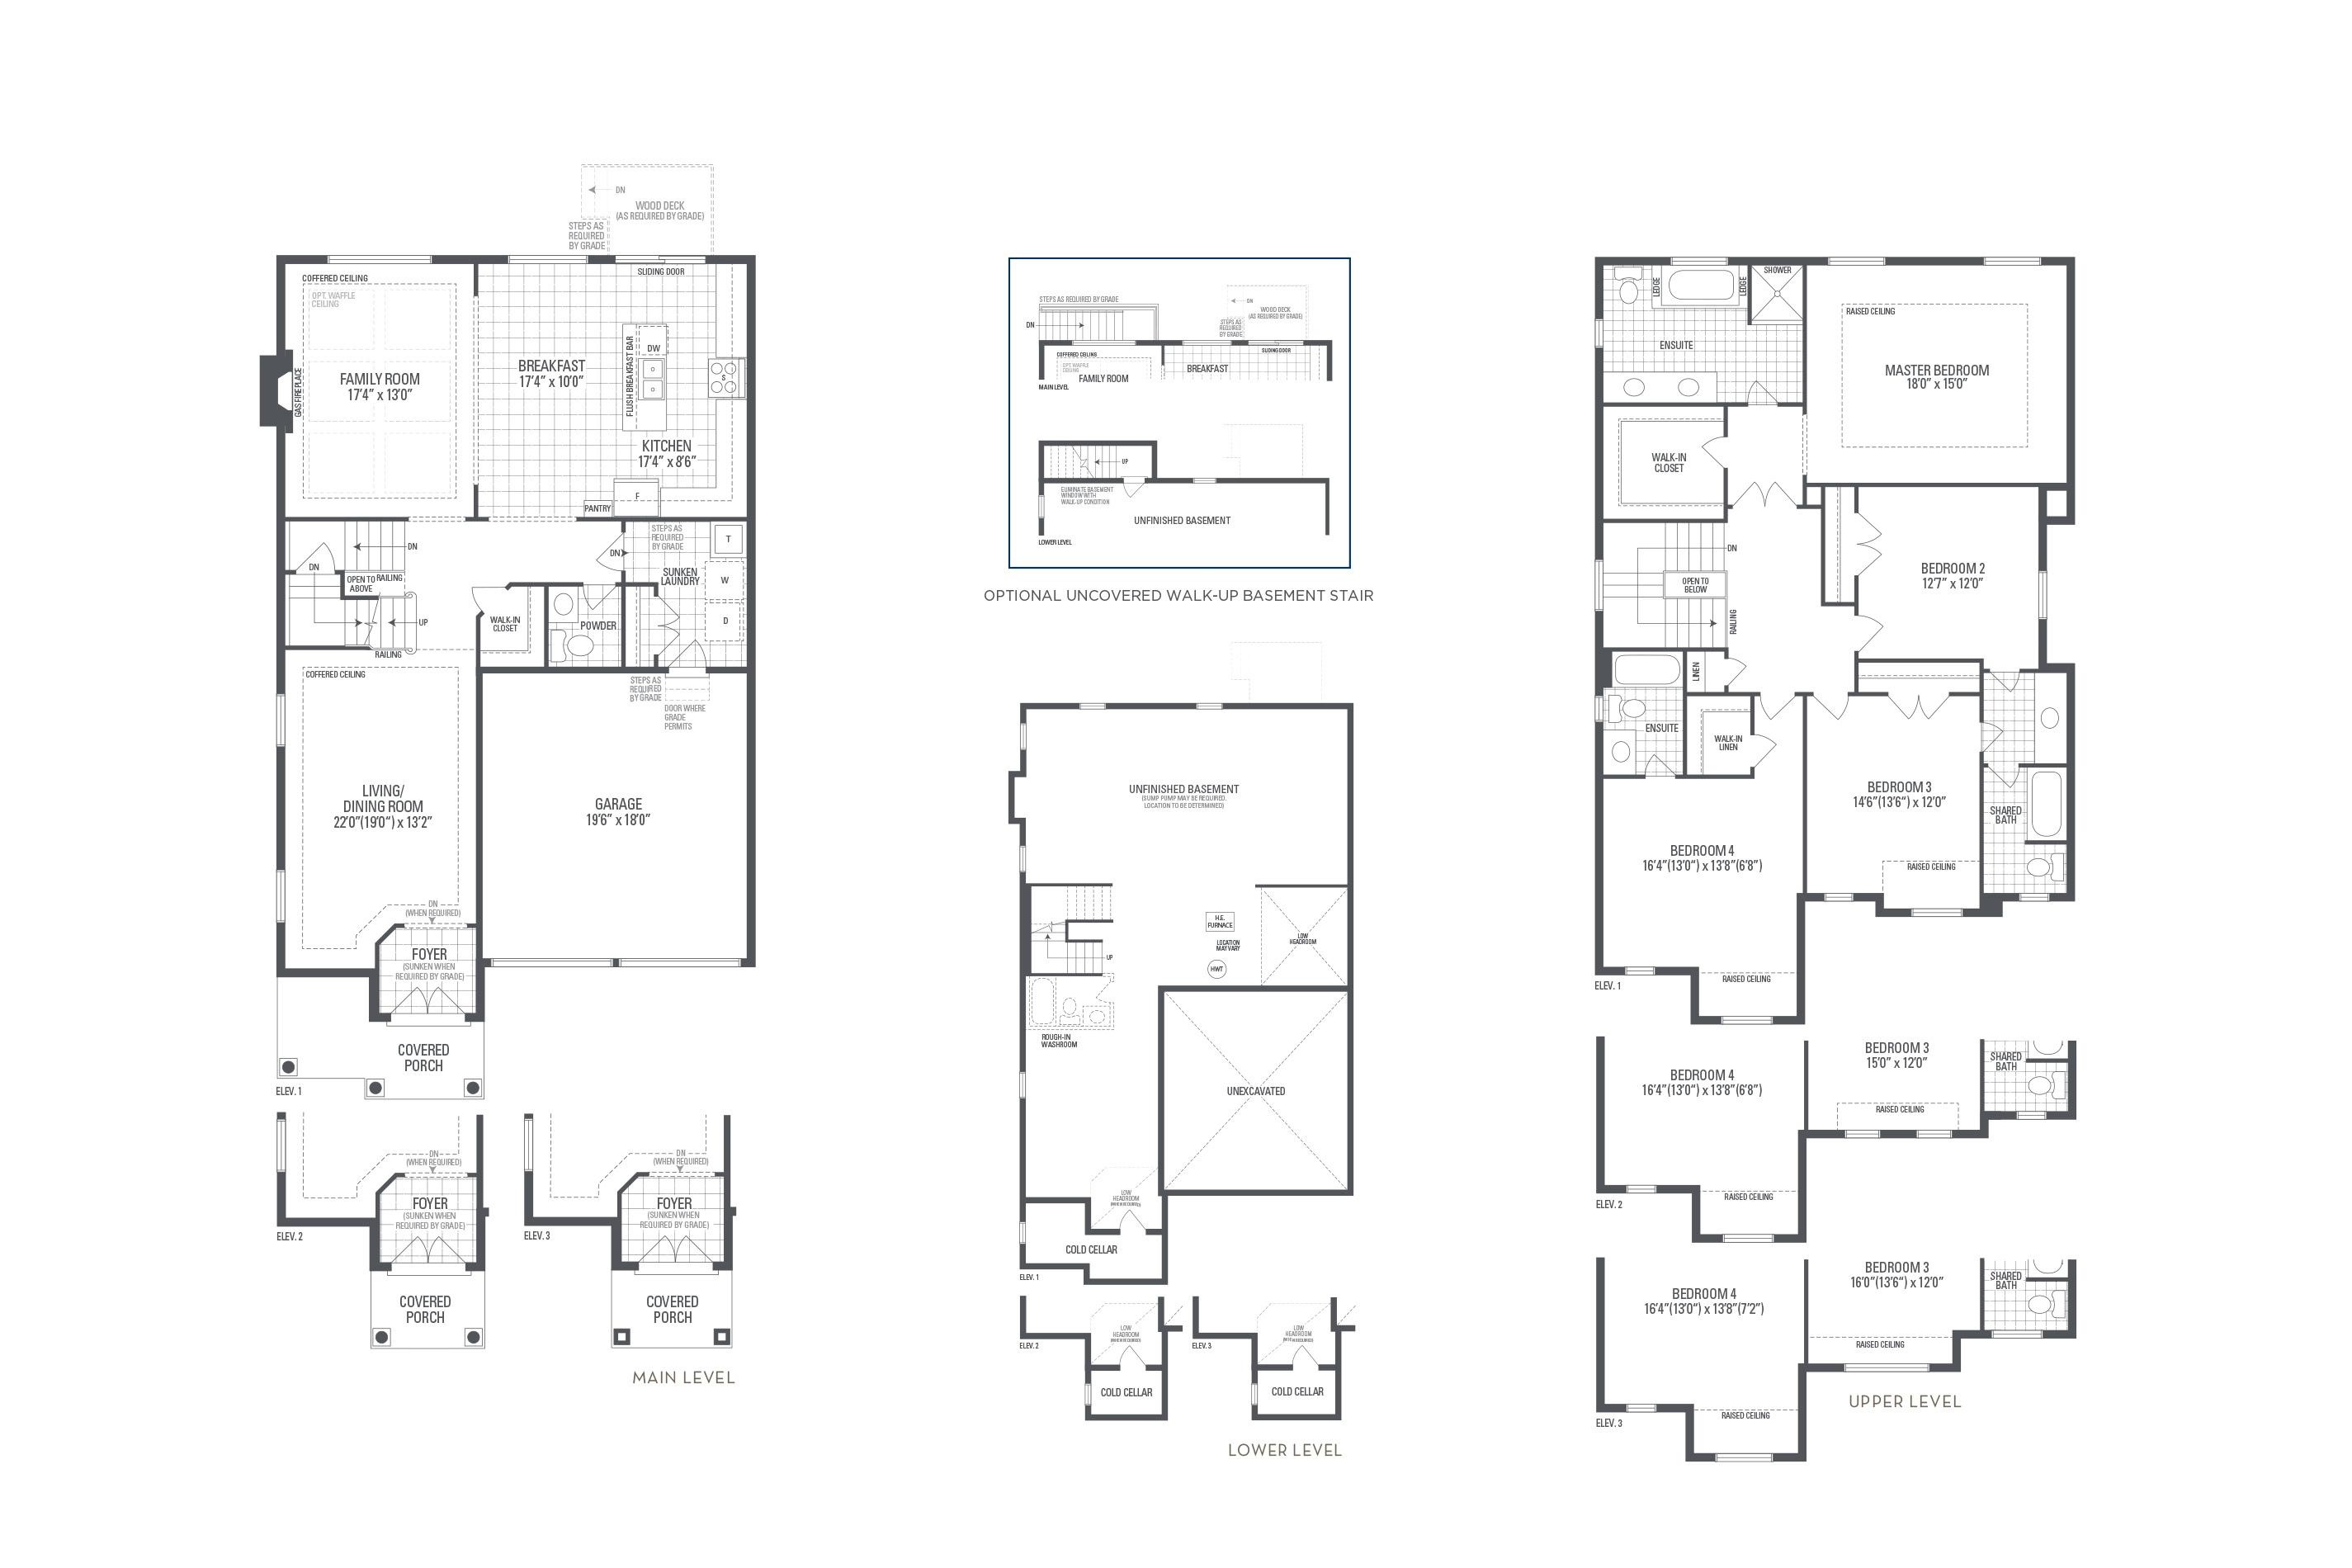 Manhattan 02 Elev. 2 Floorplan